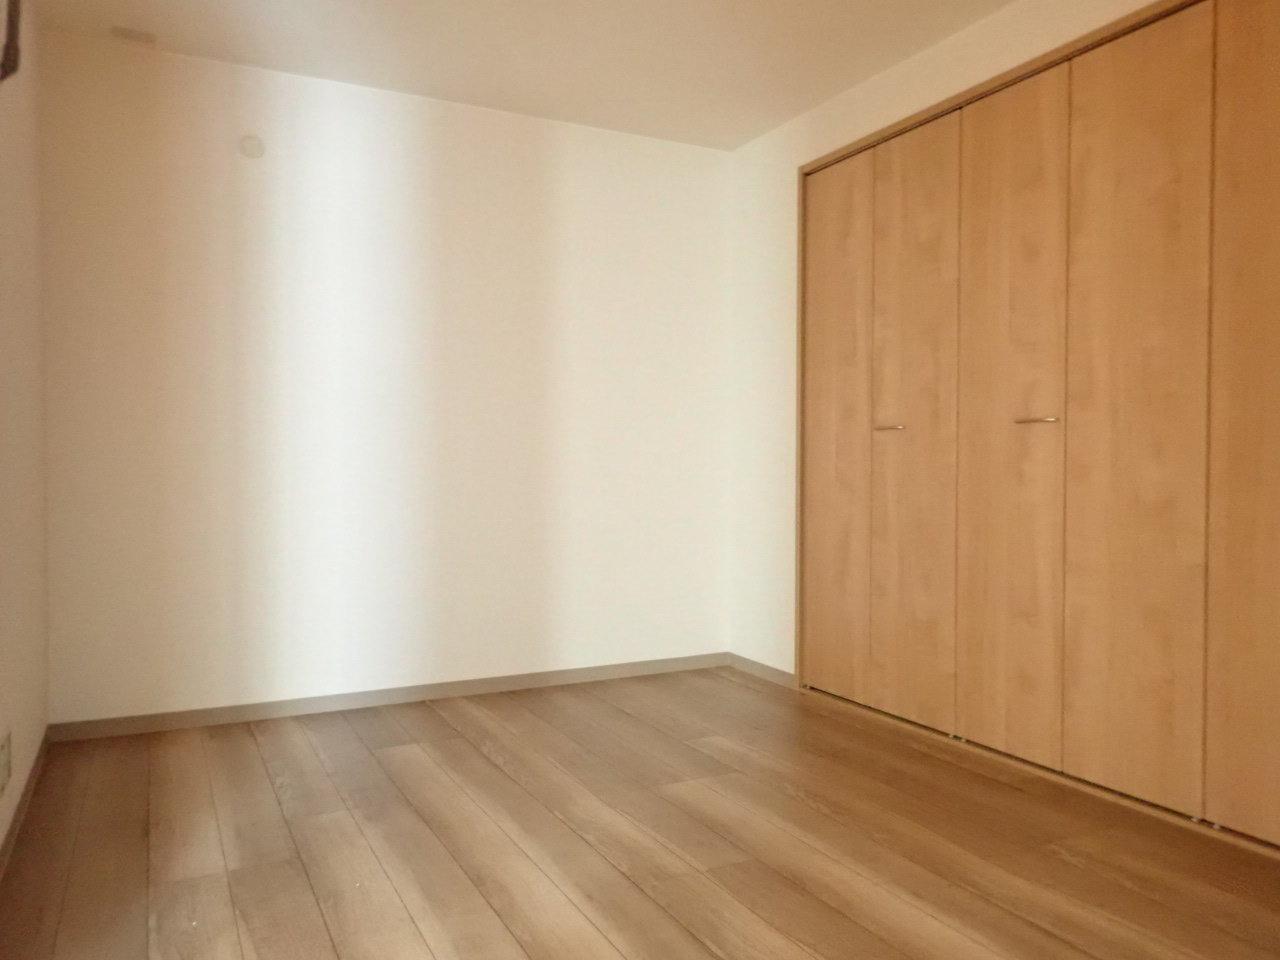 ほかのお部屋も6畳以上のスペースがあります。大き目のクローゼットにはだいたいの荷物が入ってしまいそうです。二人暮らしでも狭さを感じず生活することができそうなお部屋です。